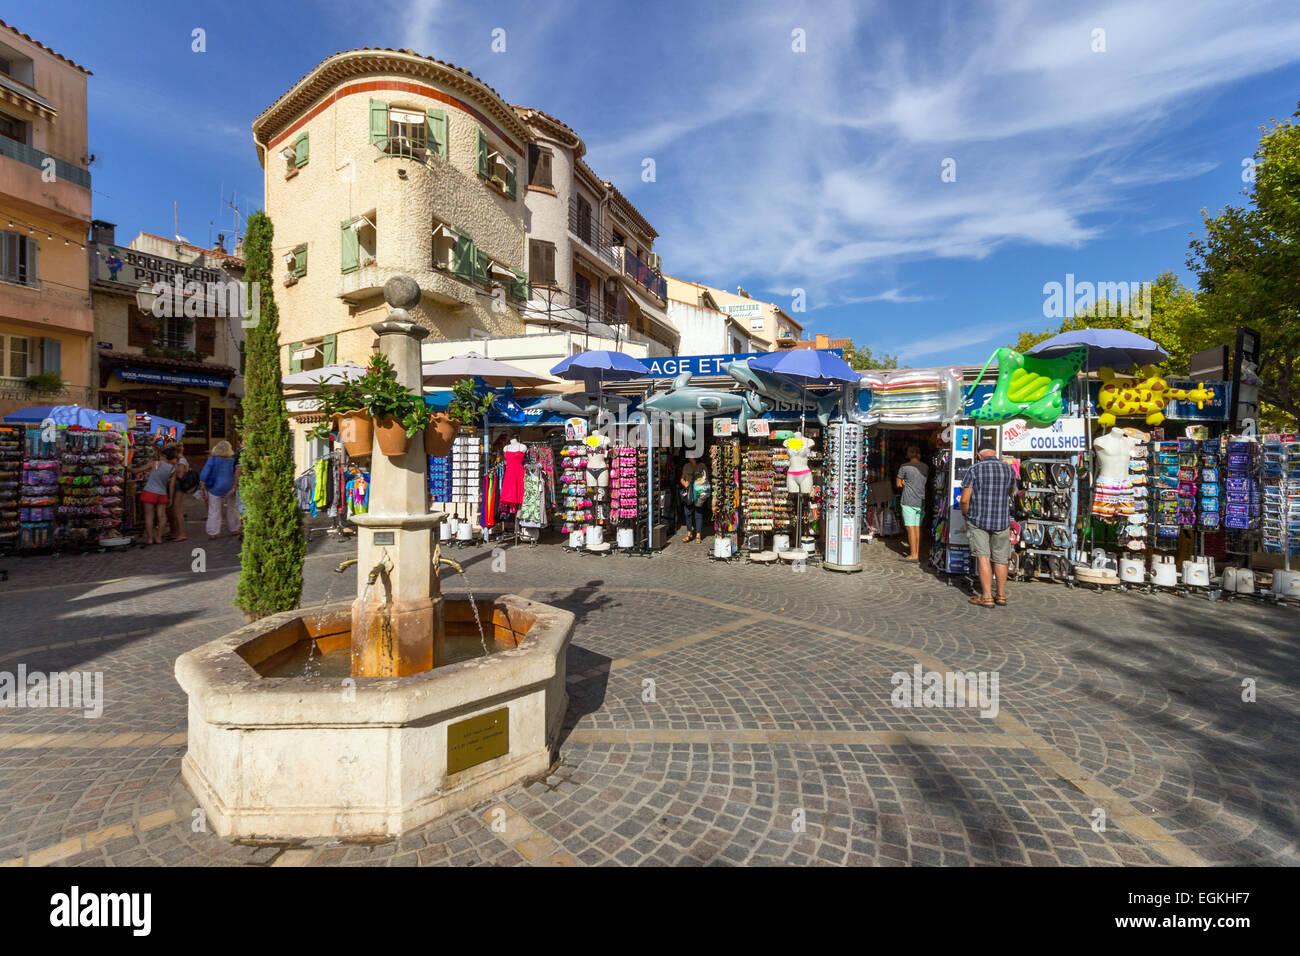 France cote d 39 azur le lavandou fountain in old town stock photo royalty free image 79106811 - Restaurant le lavandou port ...